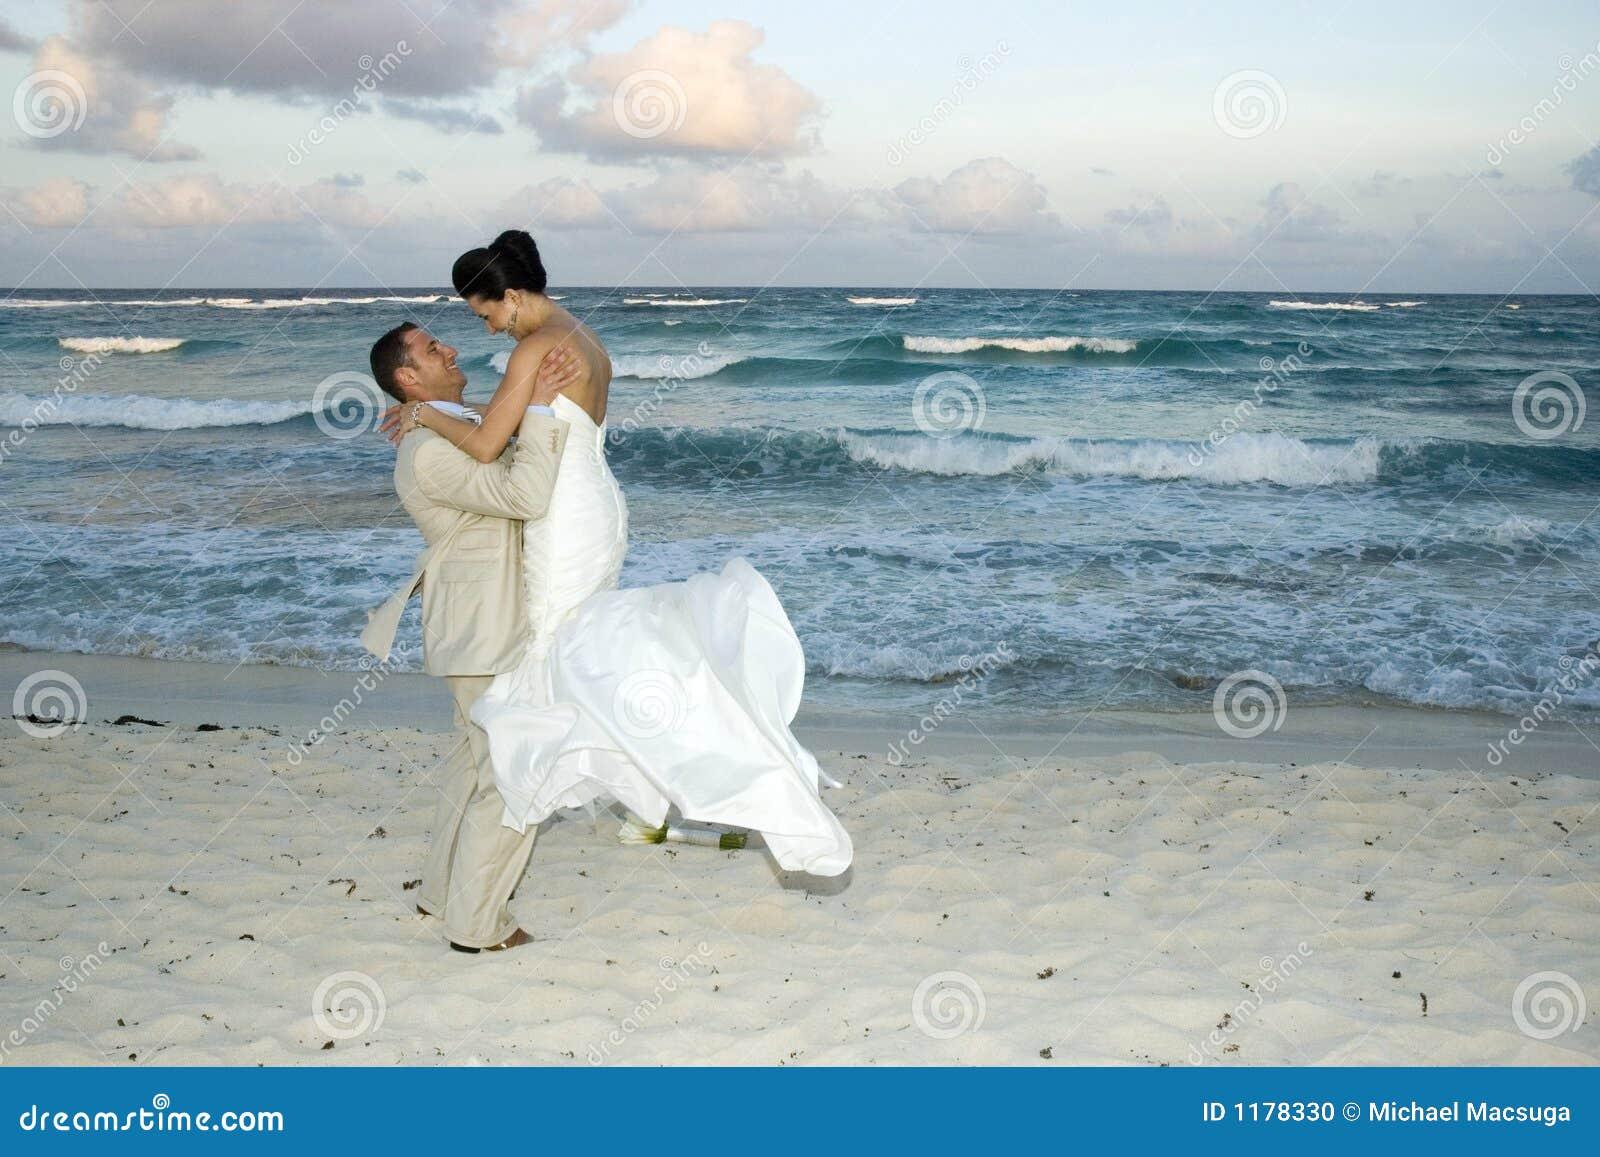 Karibische Strand-Hochzeit - Cele